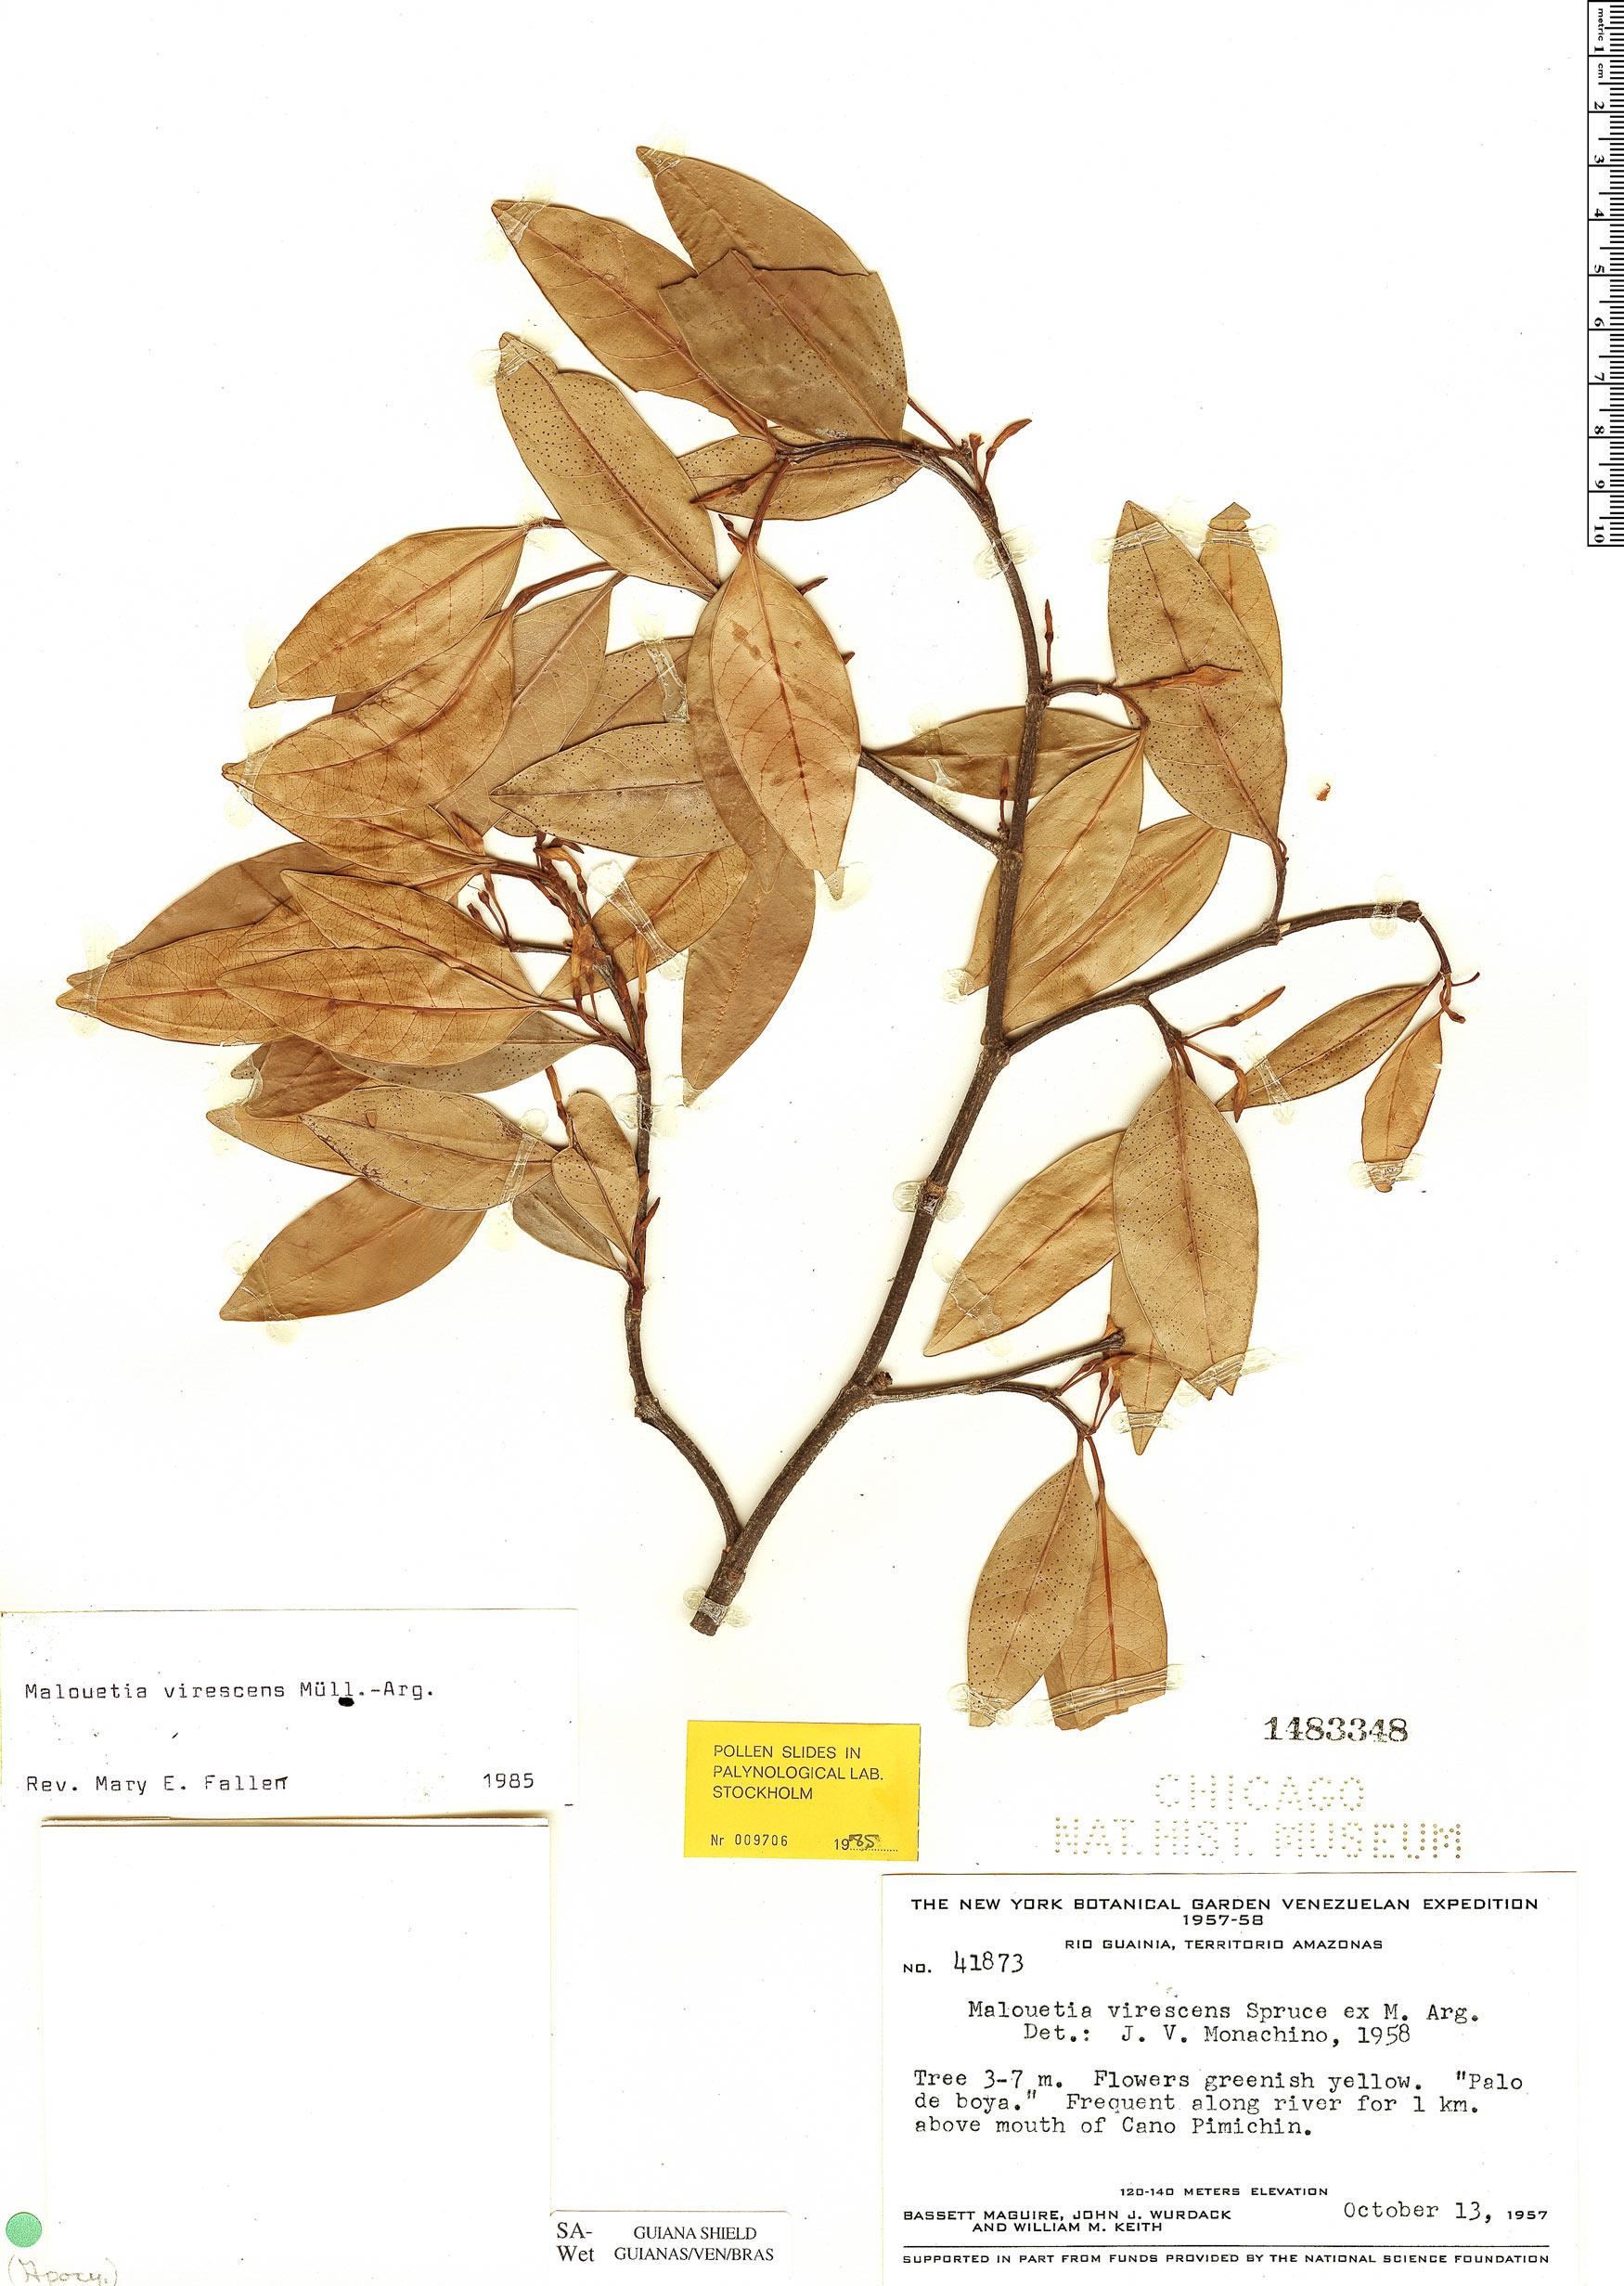 Specimen: Malouetia virescens